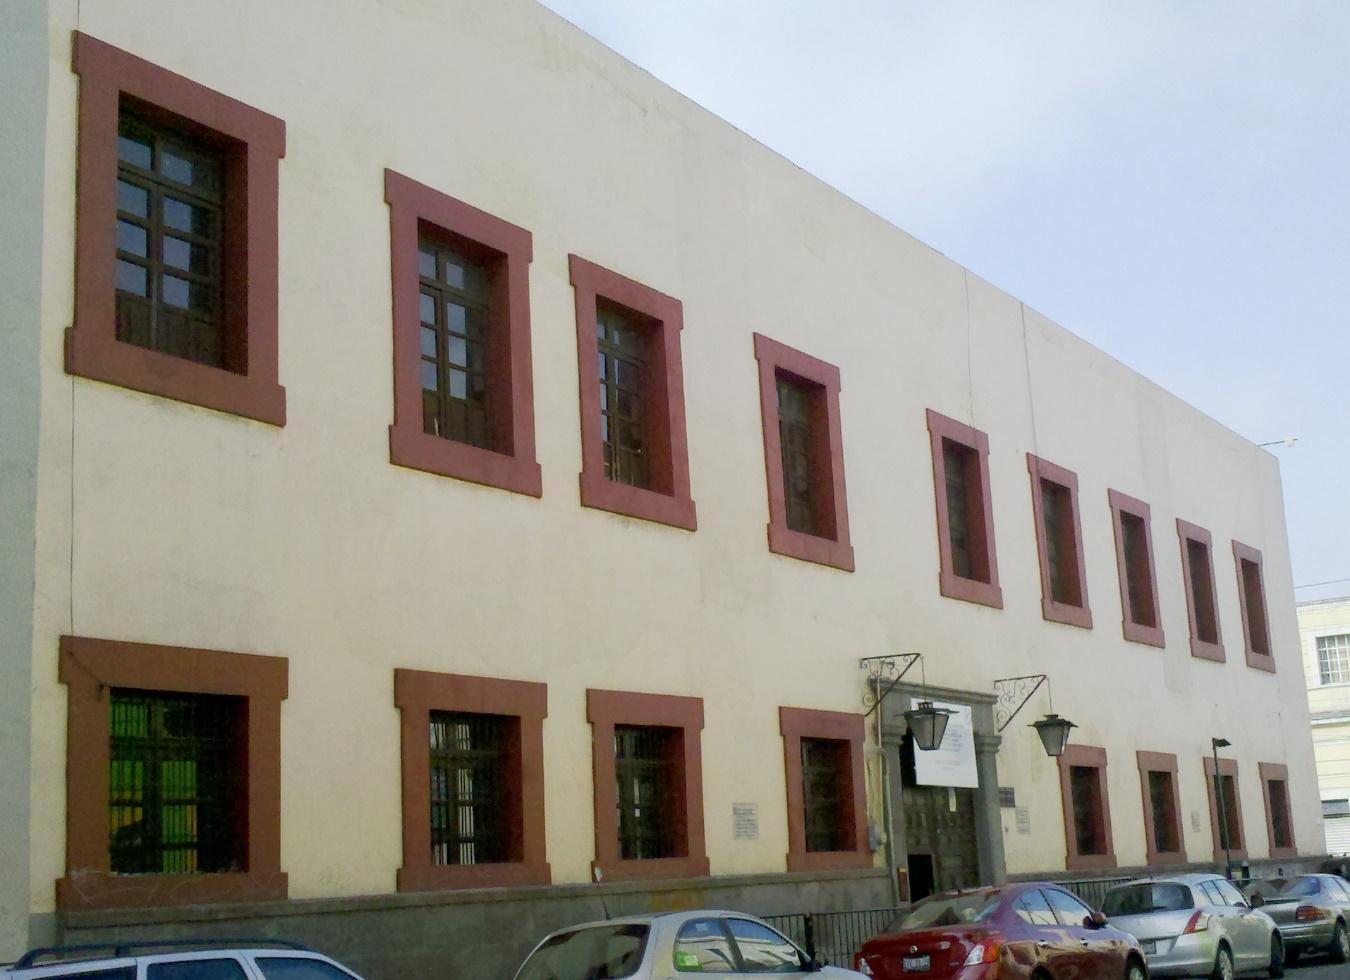 Imagen que contiene edificio, exterior, cielo  Descripción generada automáticamente